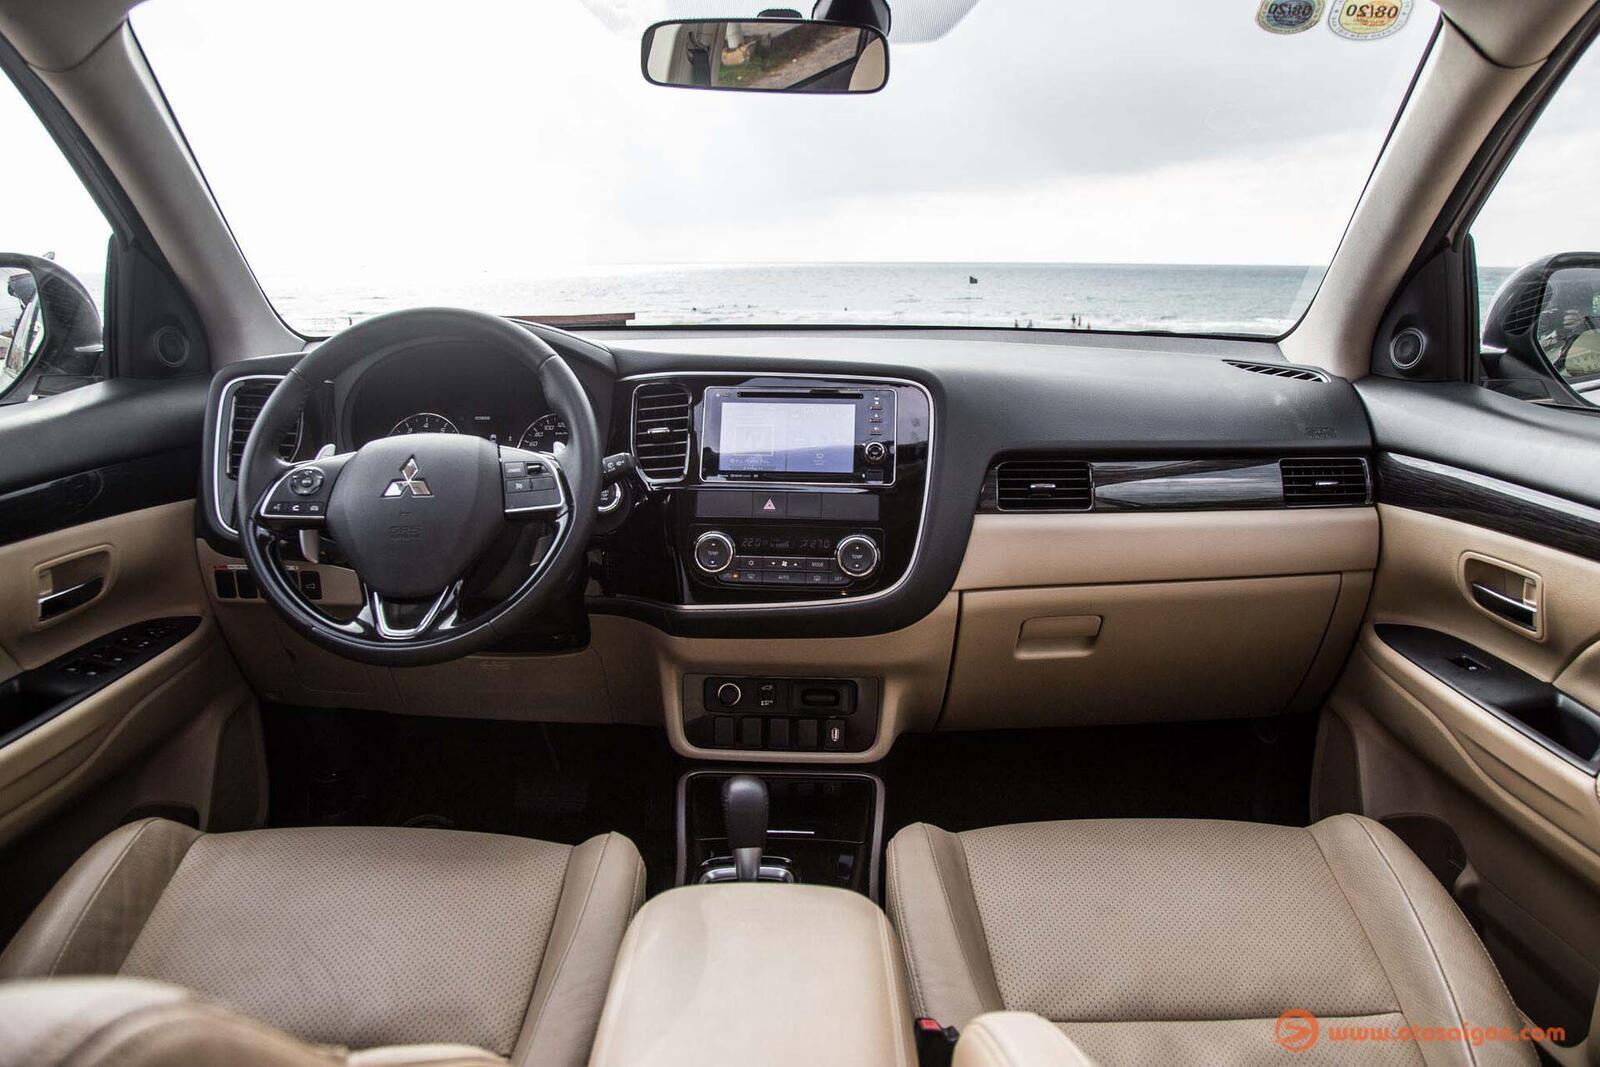 So sánh Hyundai Santa Fe 2019 với các đối thủ trong phân khúc SUV - Hình 17